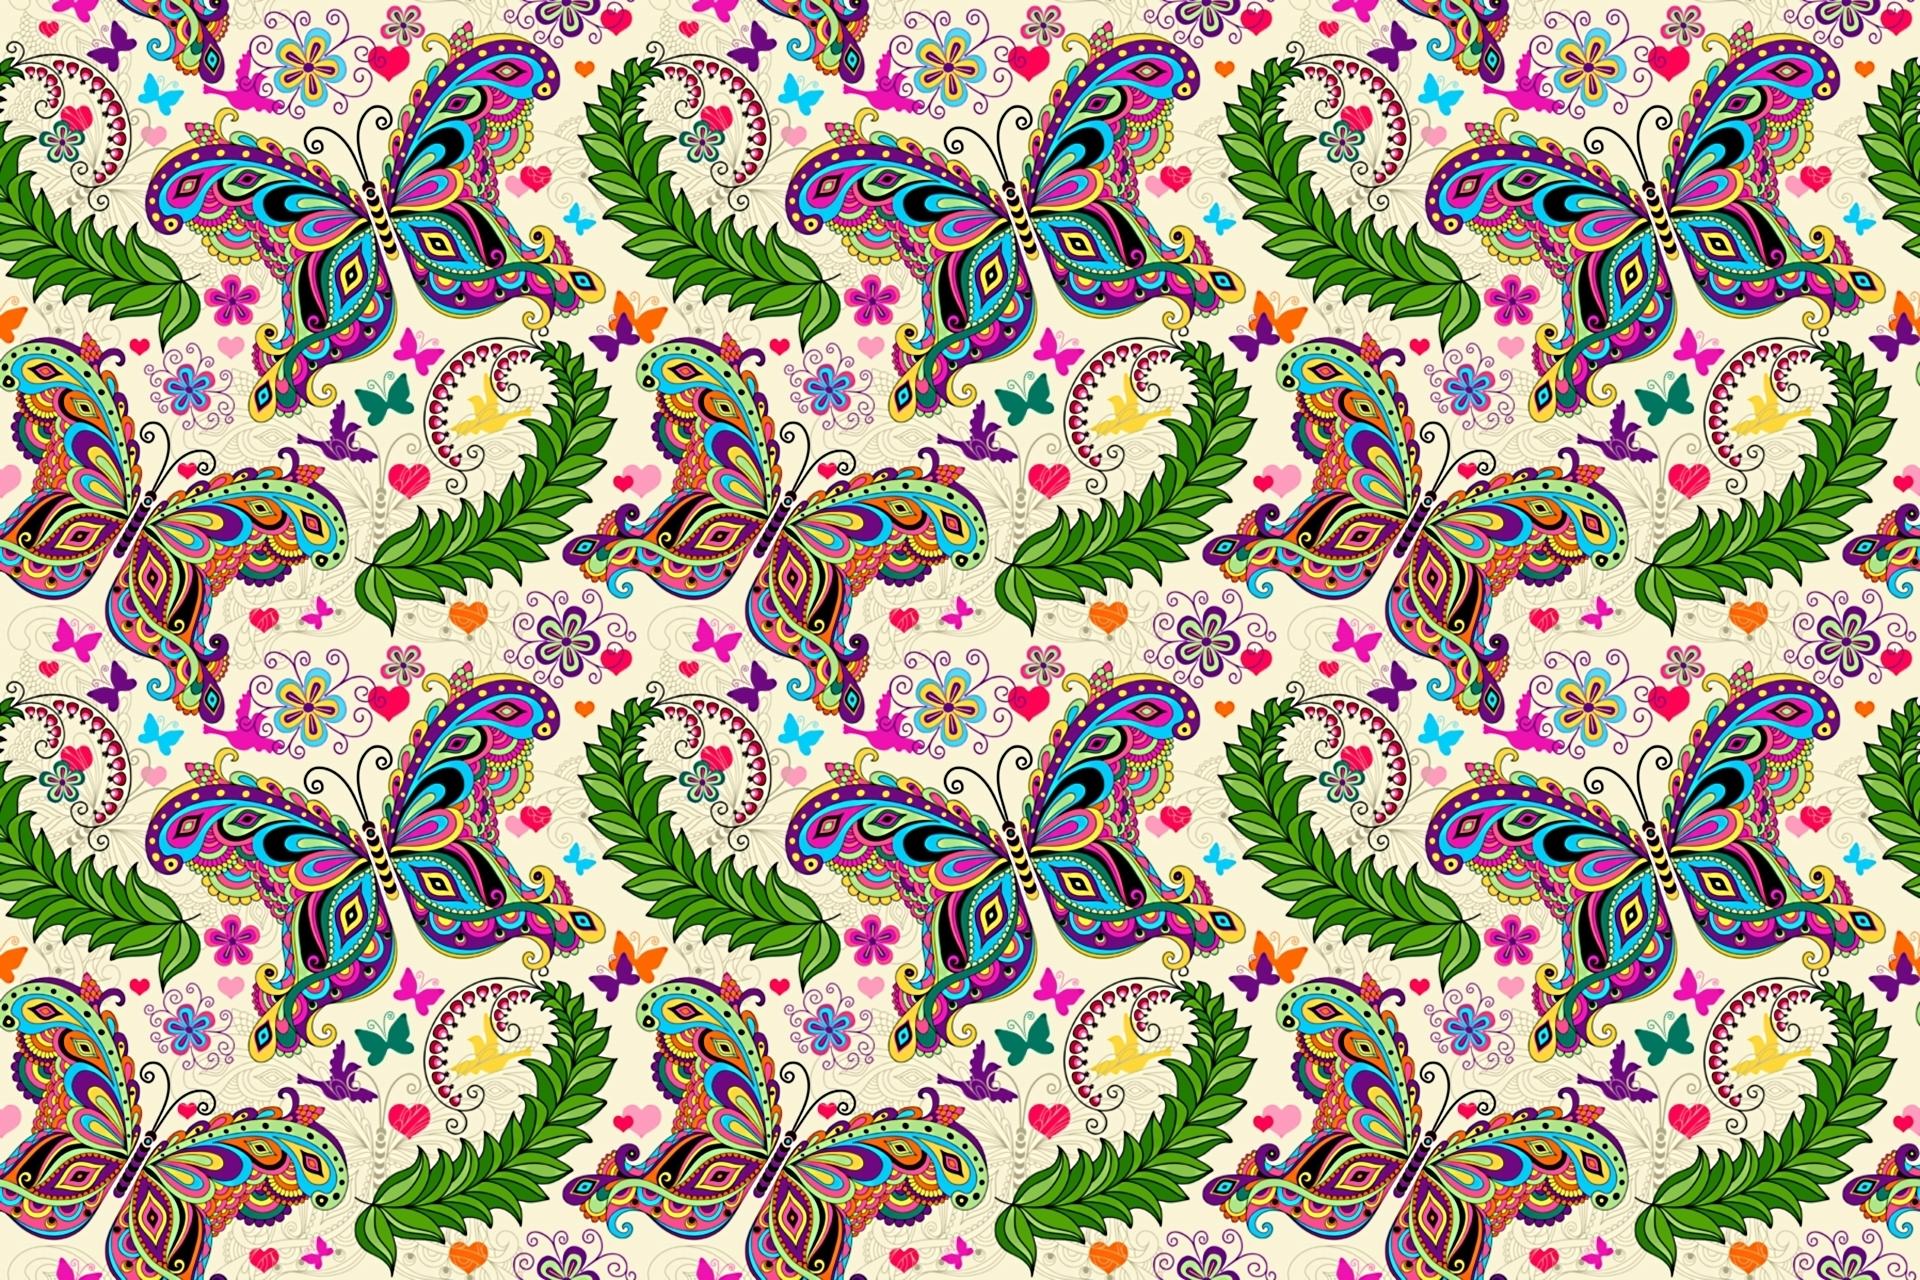 Цветные узорчатые картинки